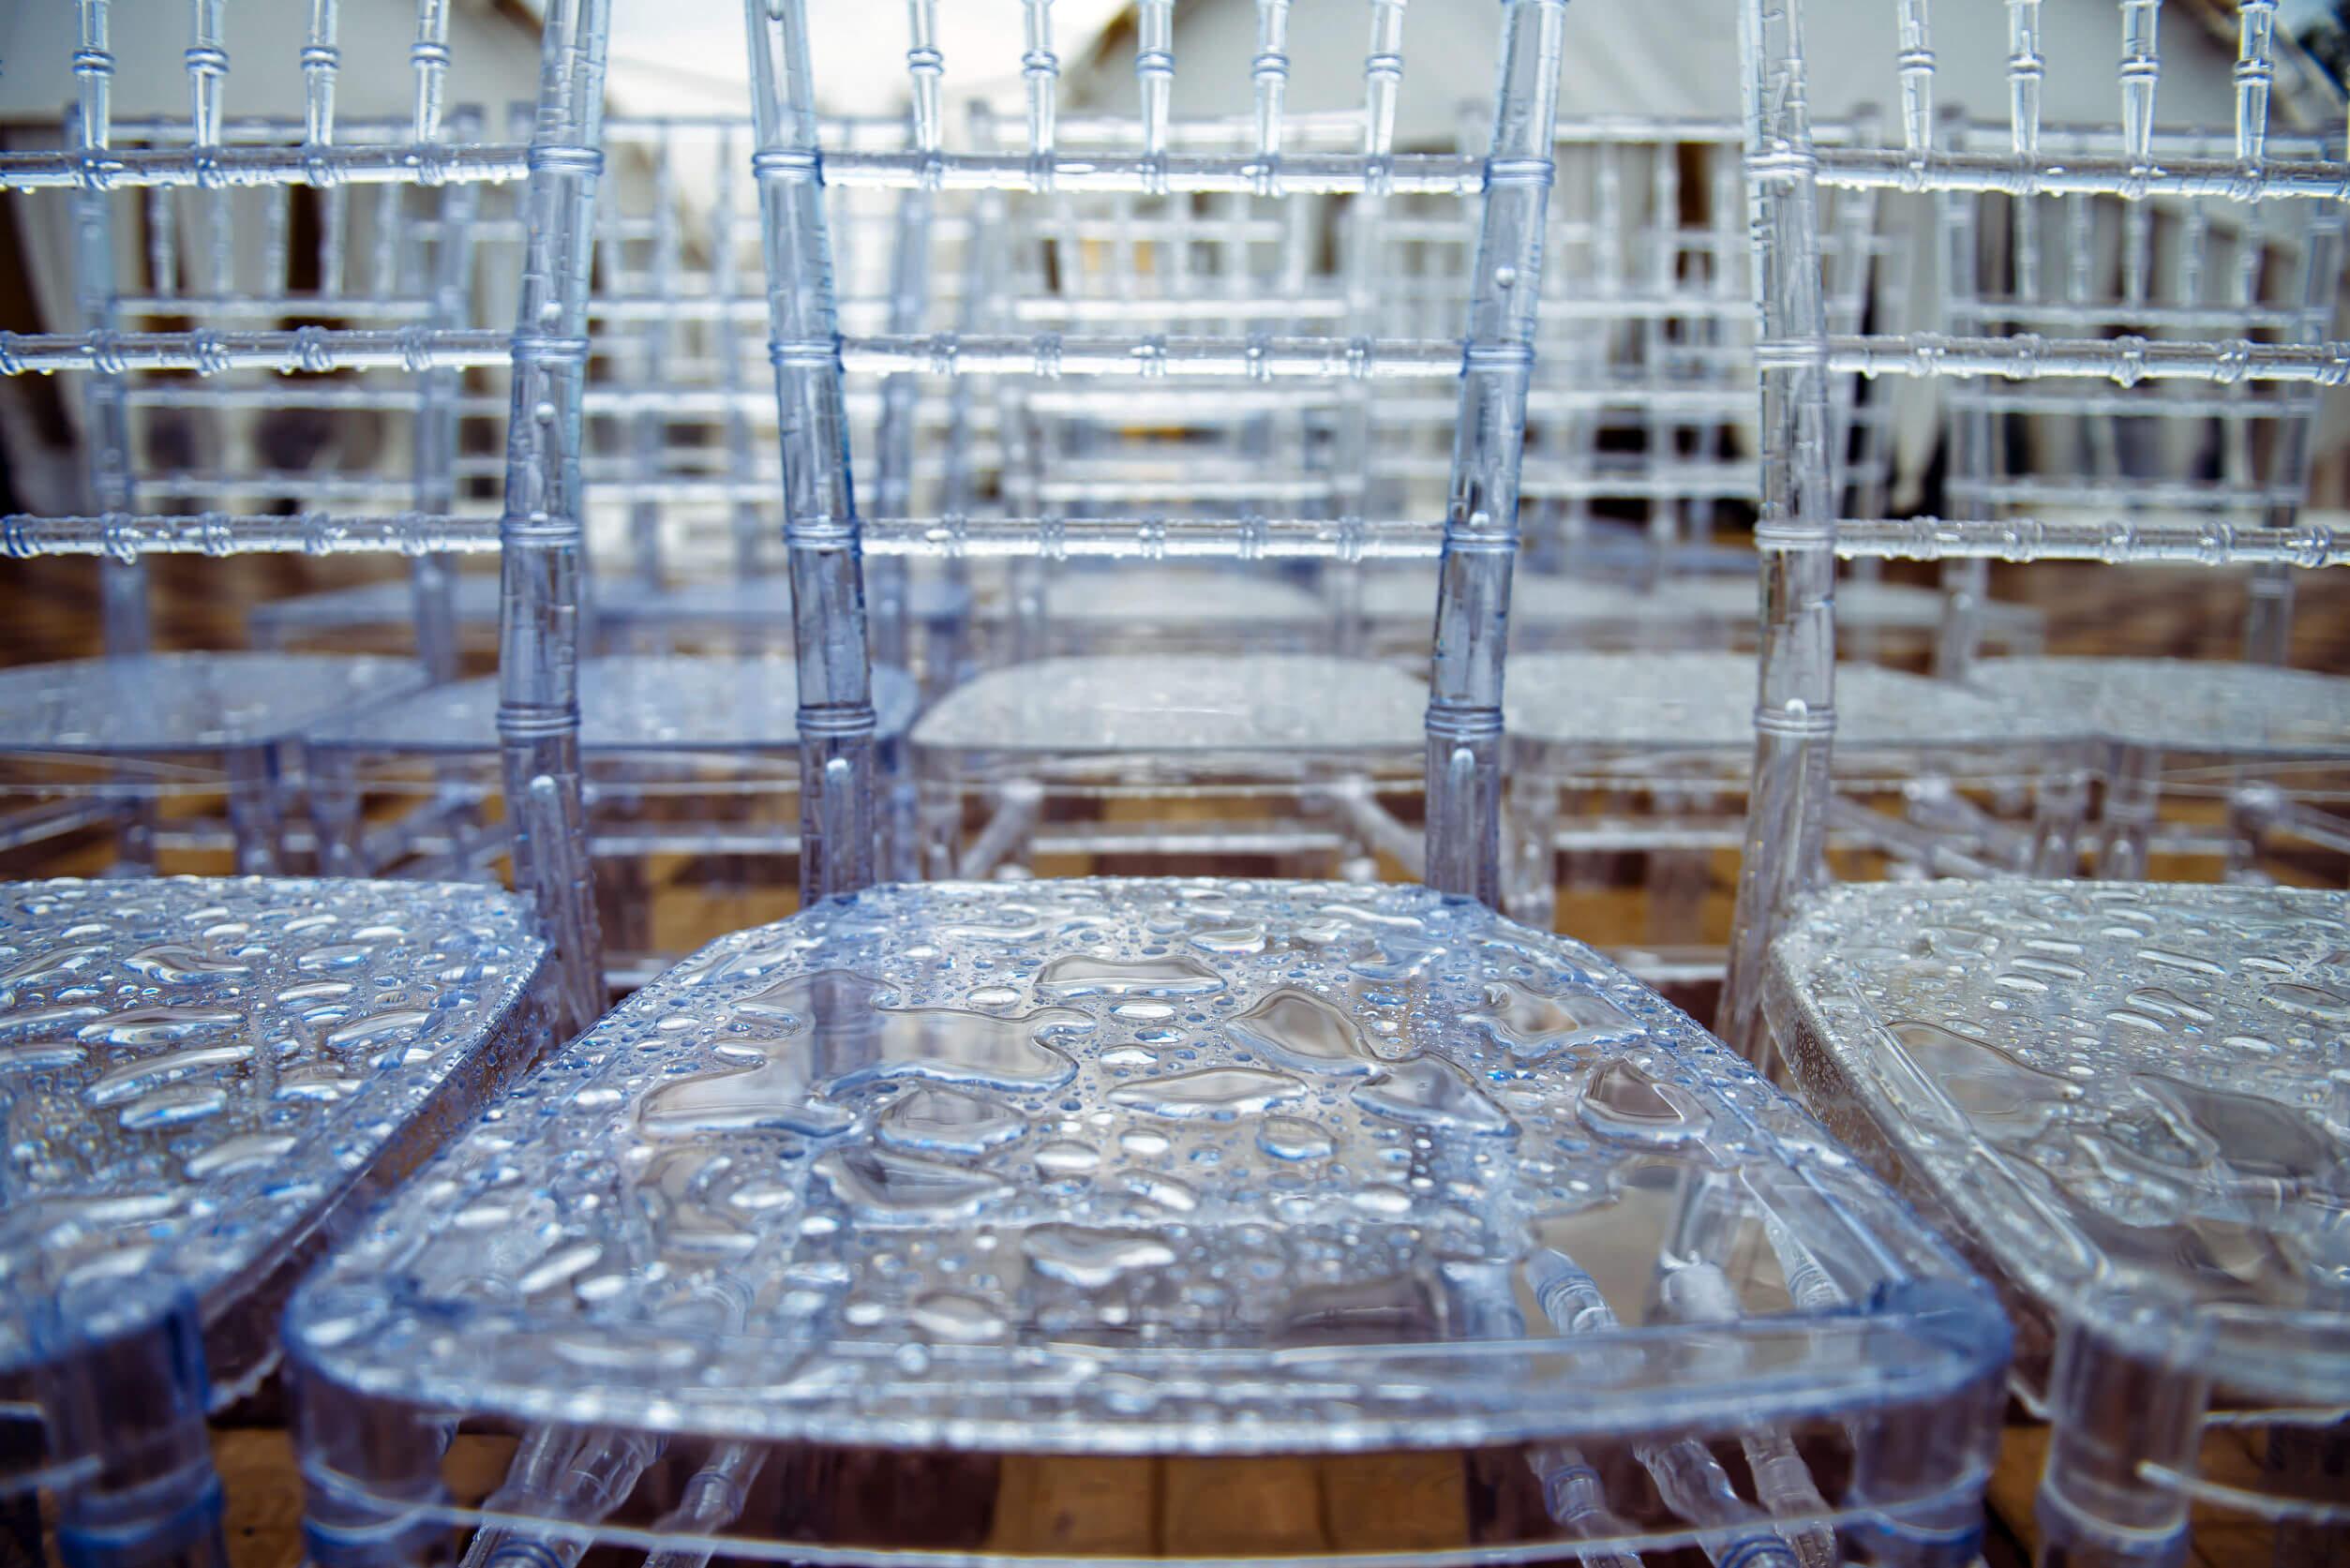 Asientos de plástico transparente, una nueva tendencia